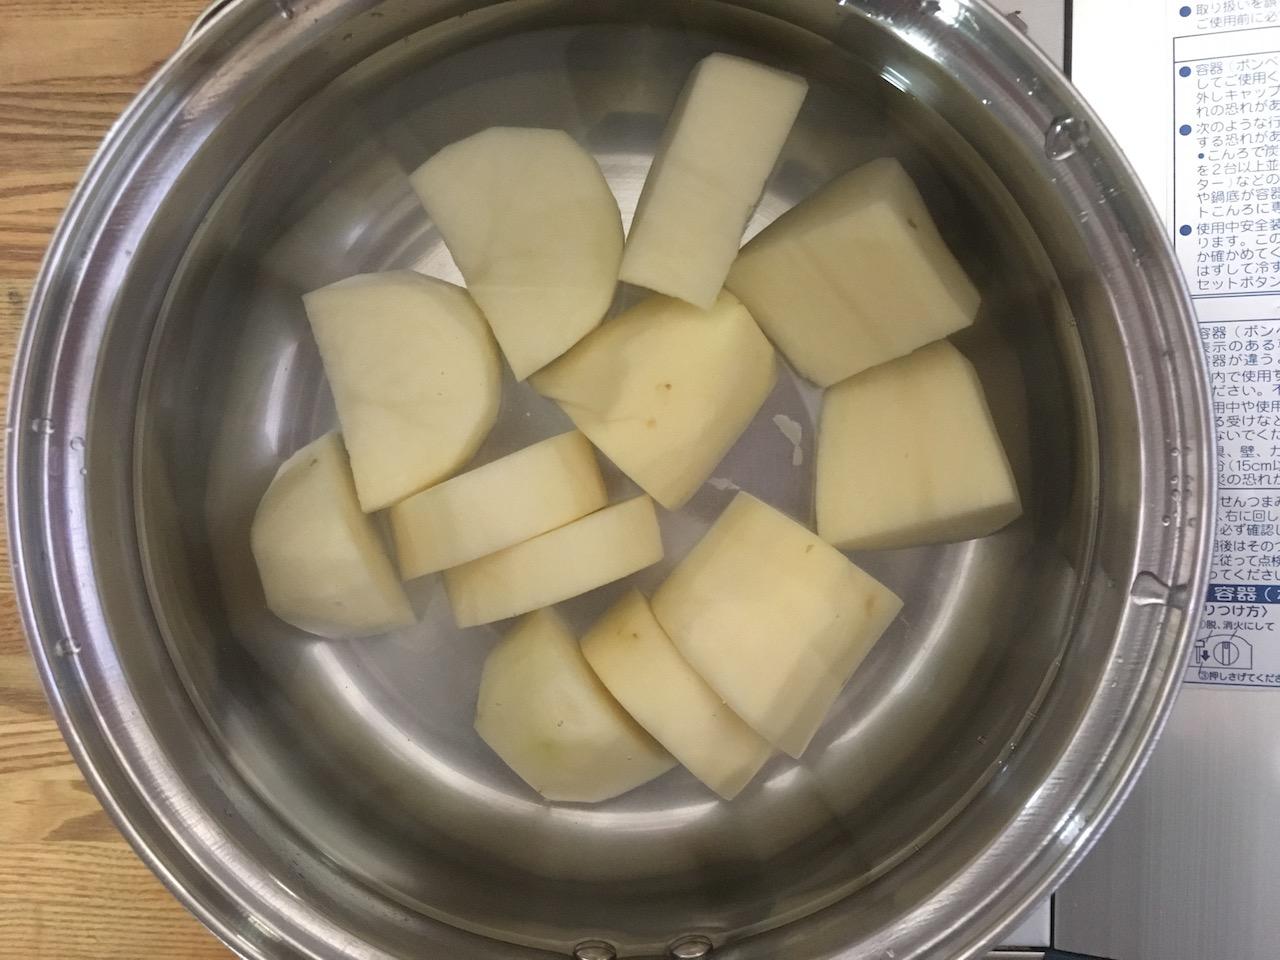 小さく切ったじゃがいもを鍋に入れる